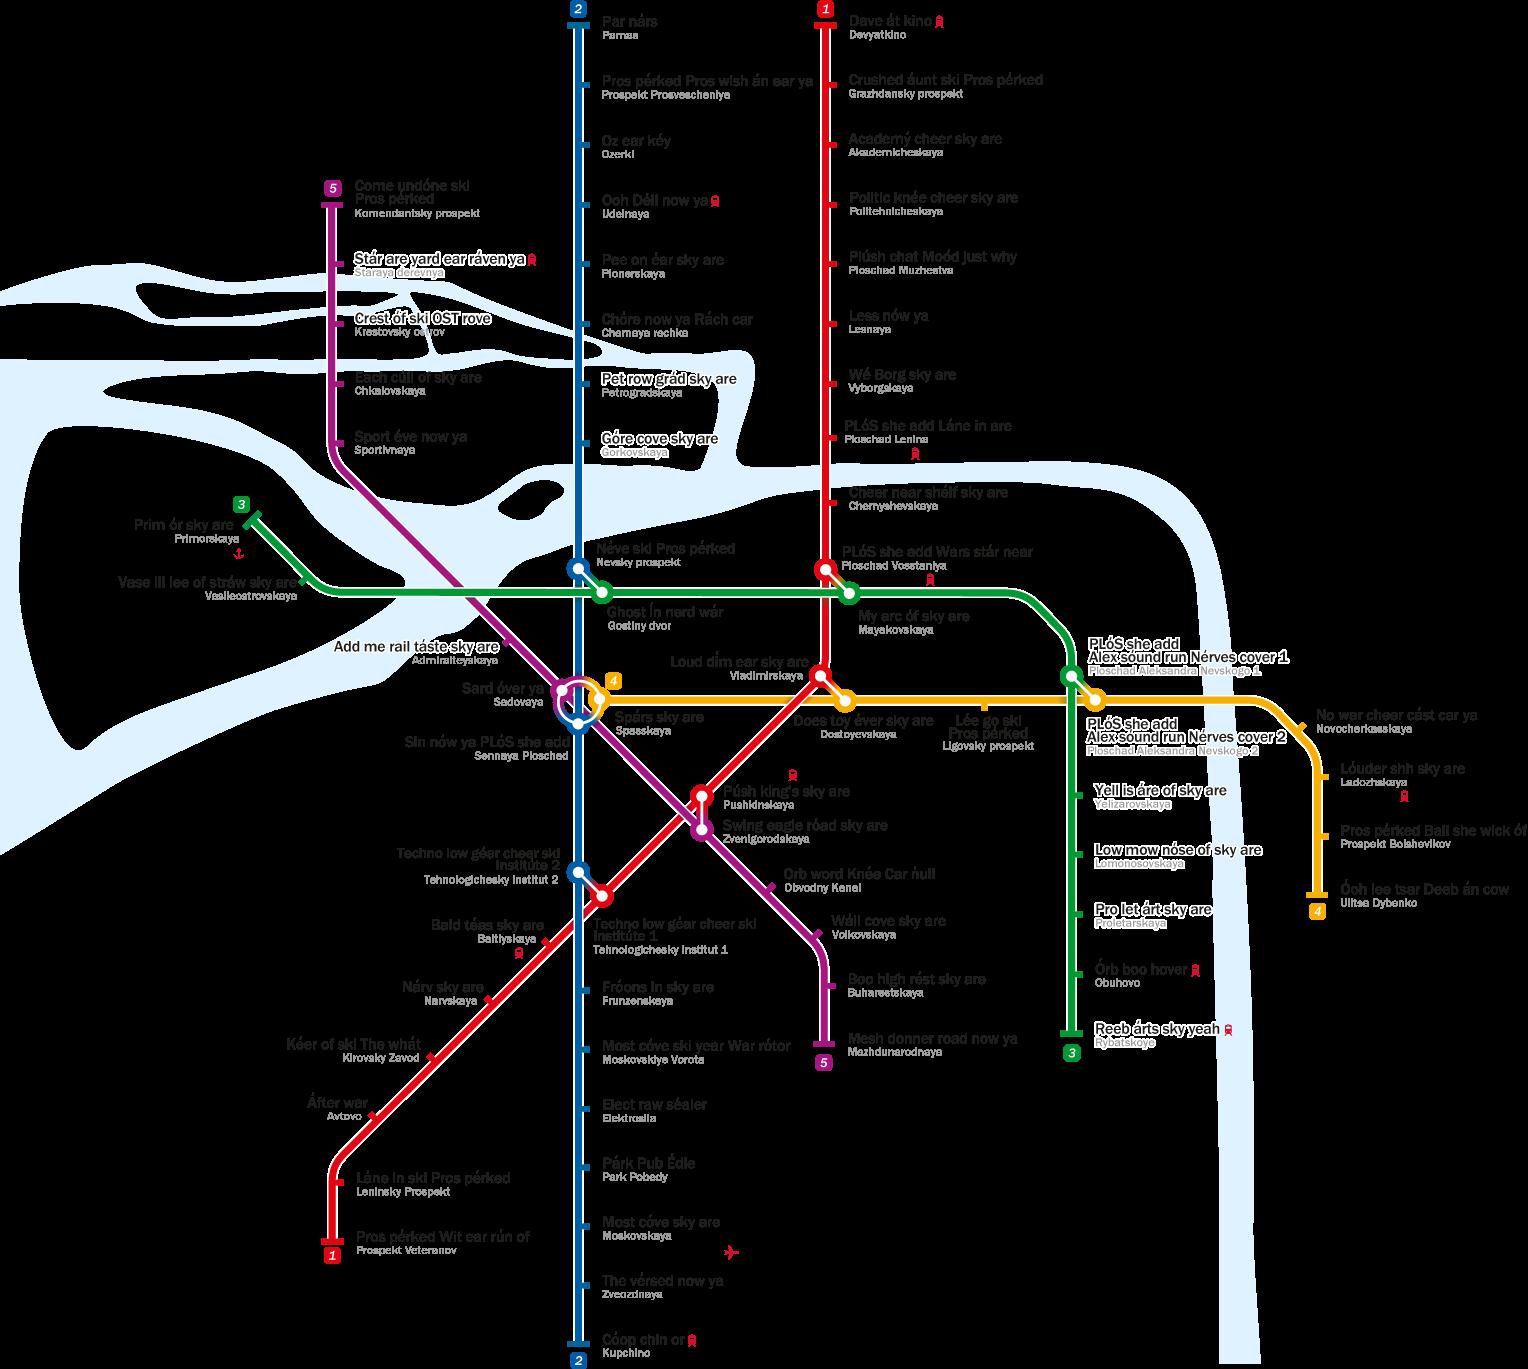 станции московского метро фото с названиями как долго можно давать фенистил